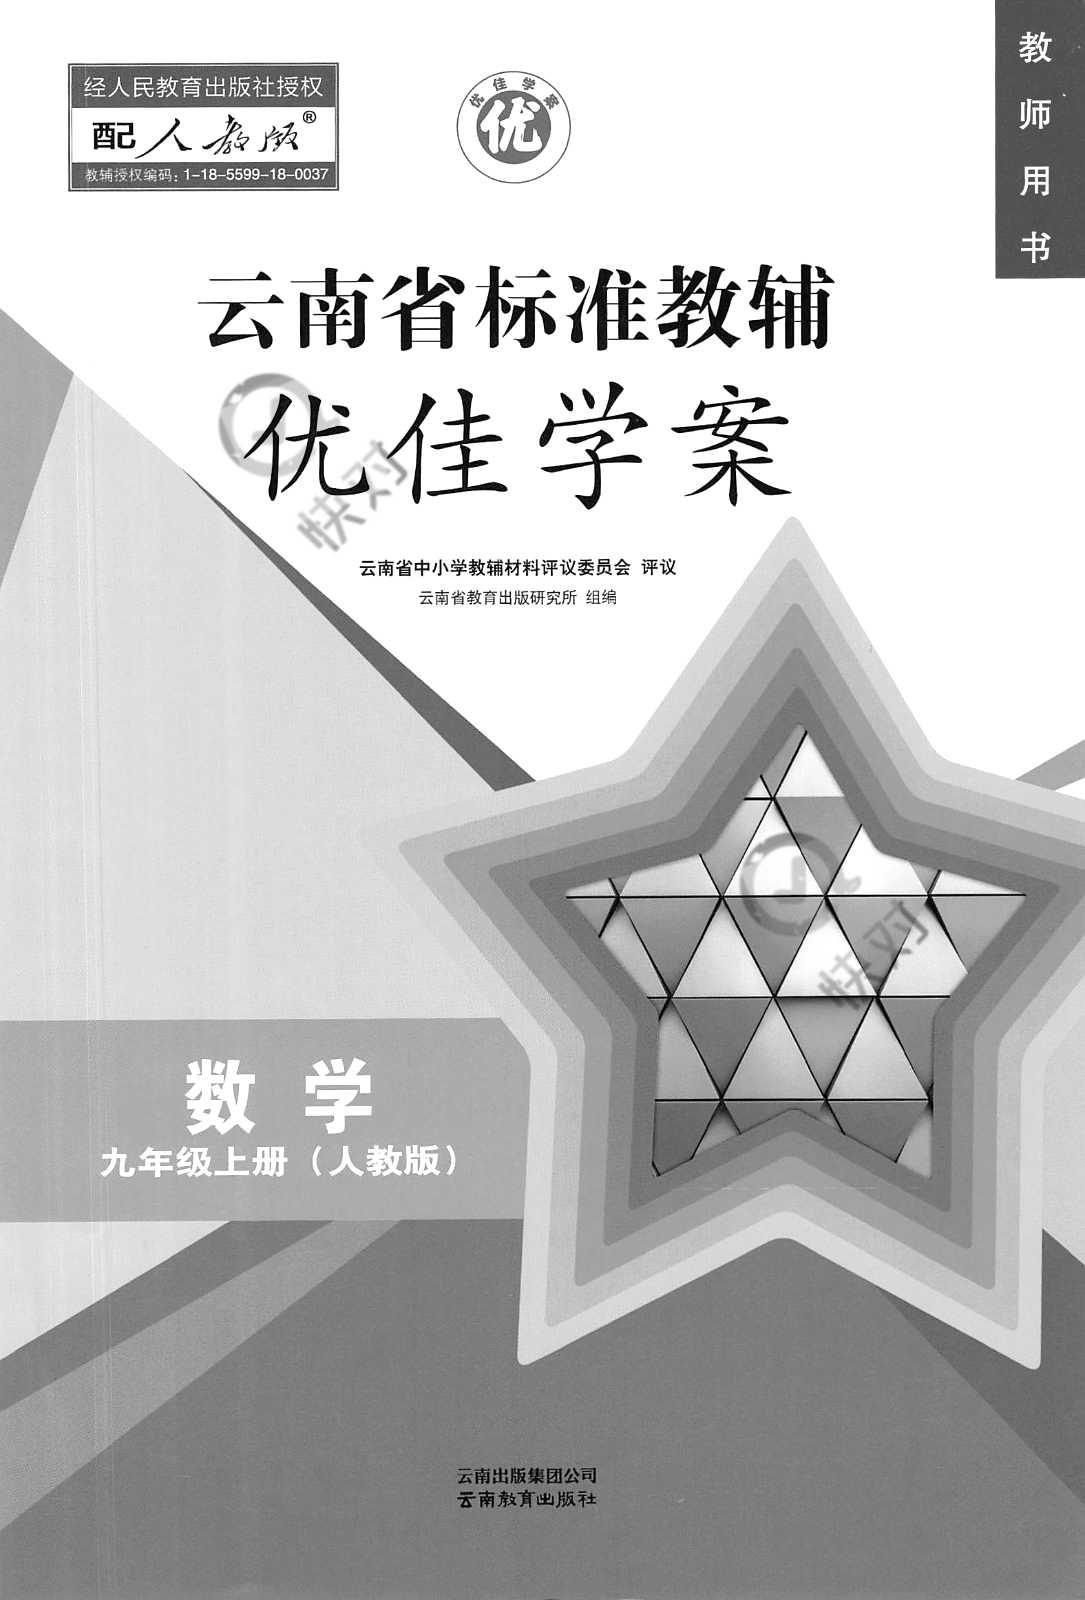 2021年云南省标准教辅优佳学案九年级数学上册人教版